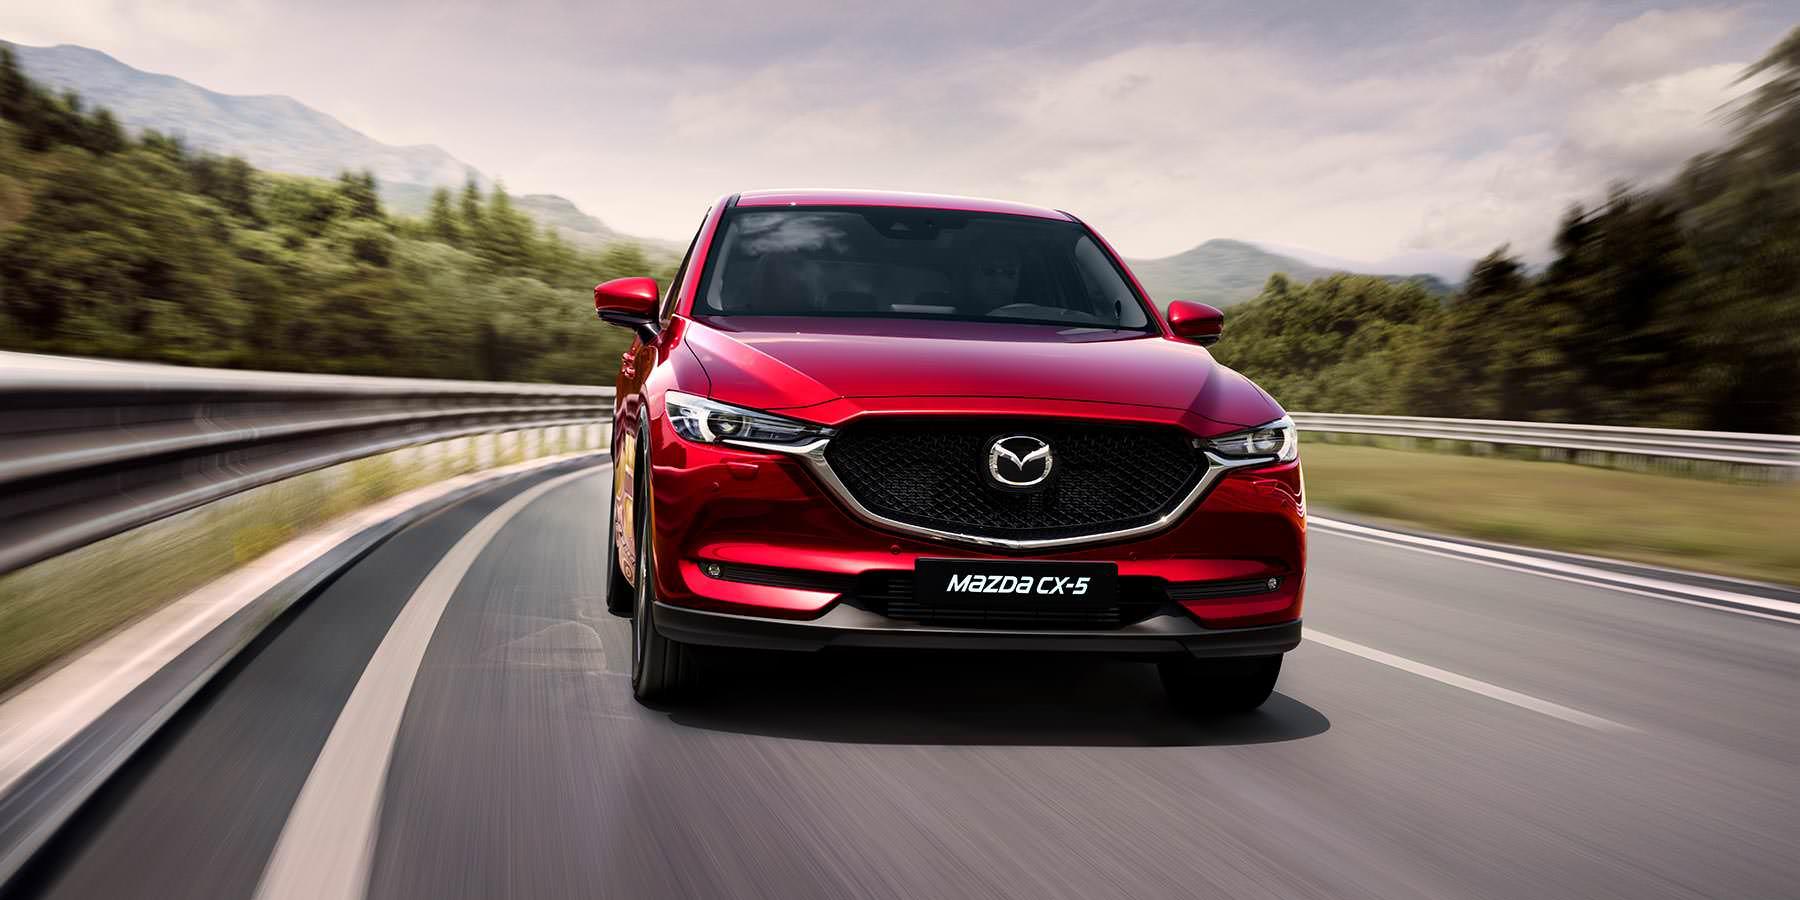 Wonderbaarlijk Mazda CX-5 | Mazda MM-46